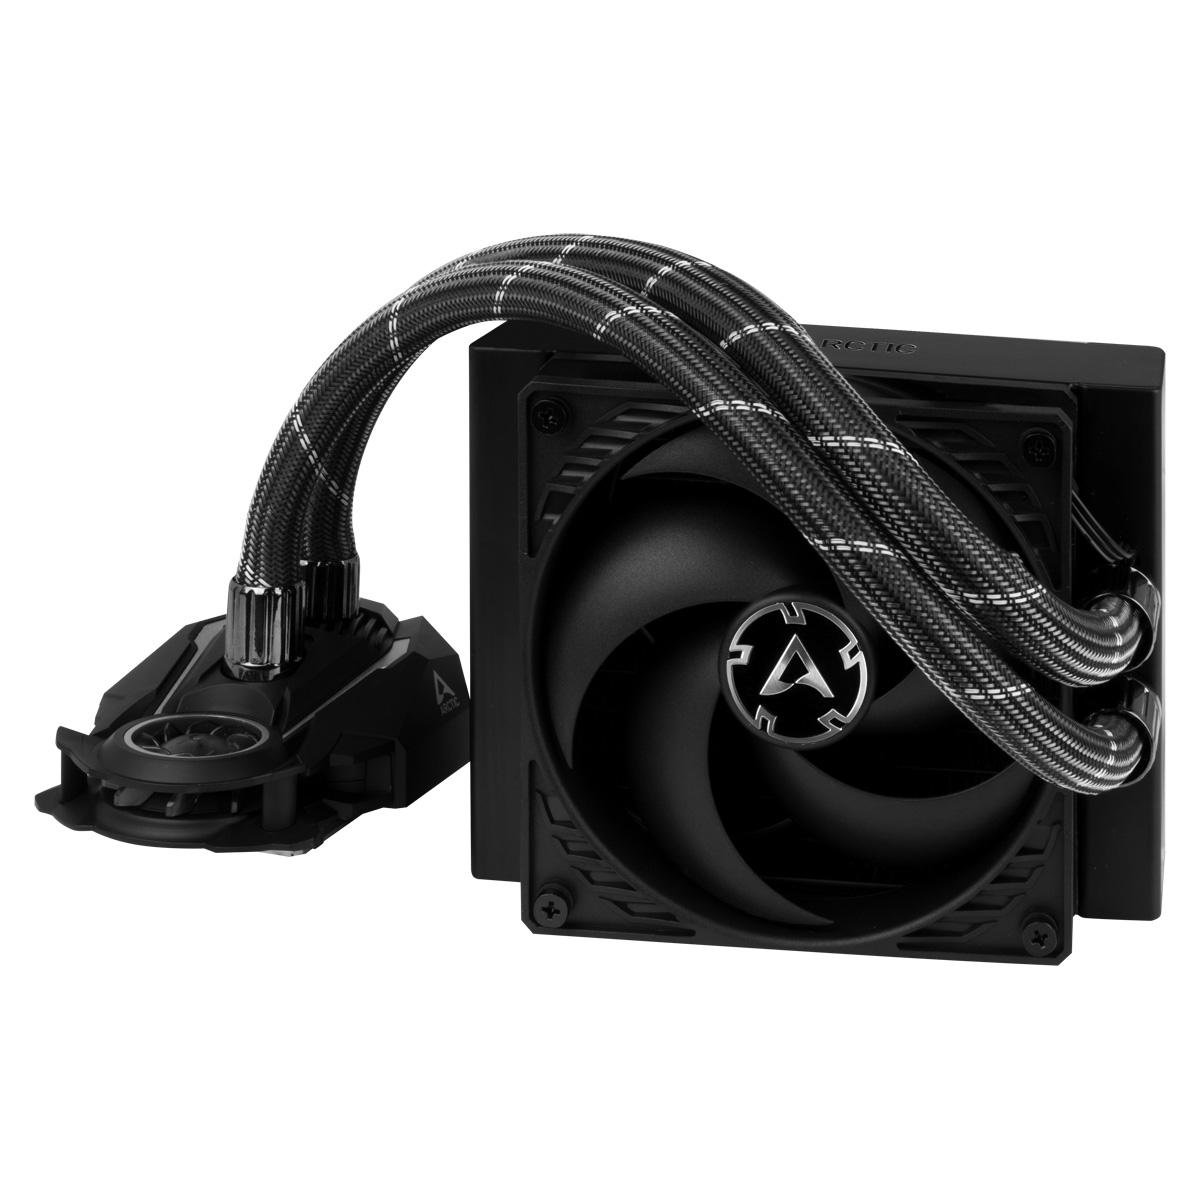 Multikompatibler AiO CPU-Wasserkühler ARCTIC Liquid Freezer II 120 Vorderansicht